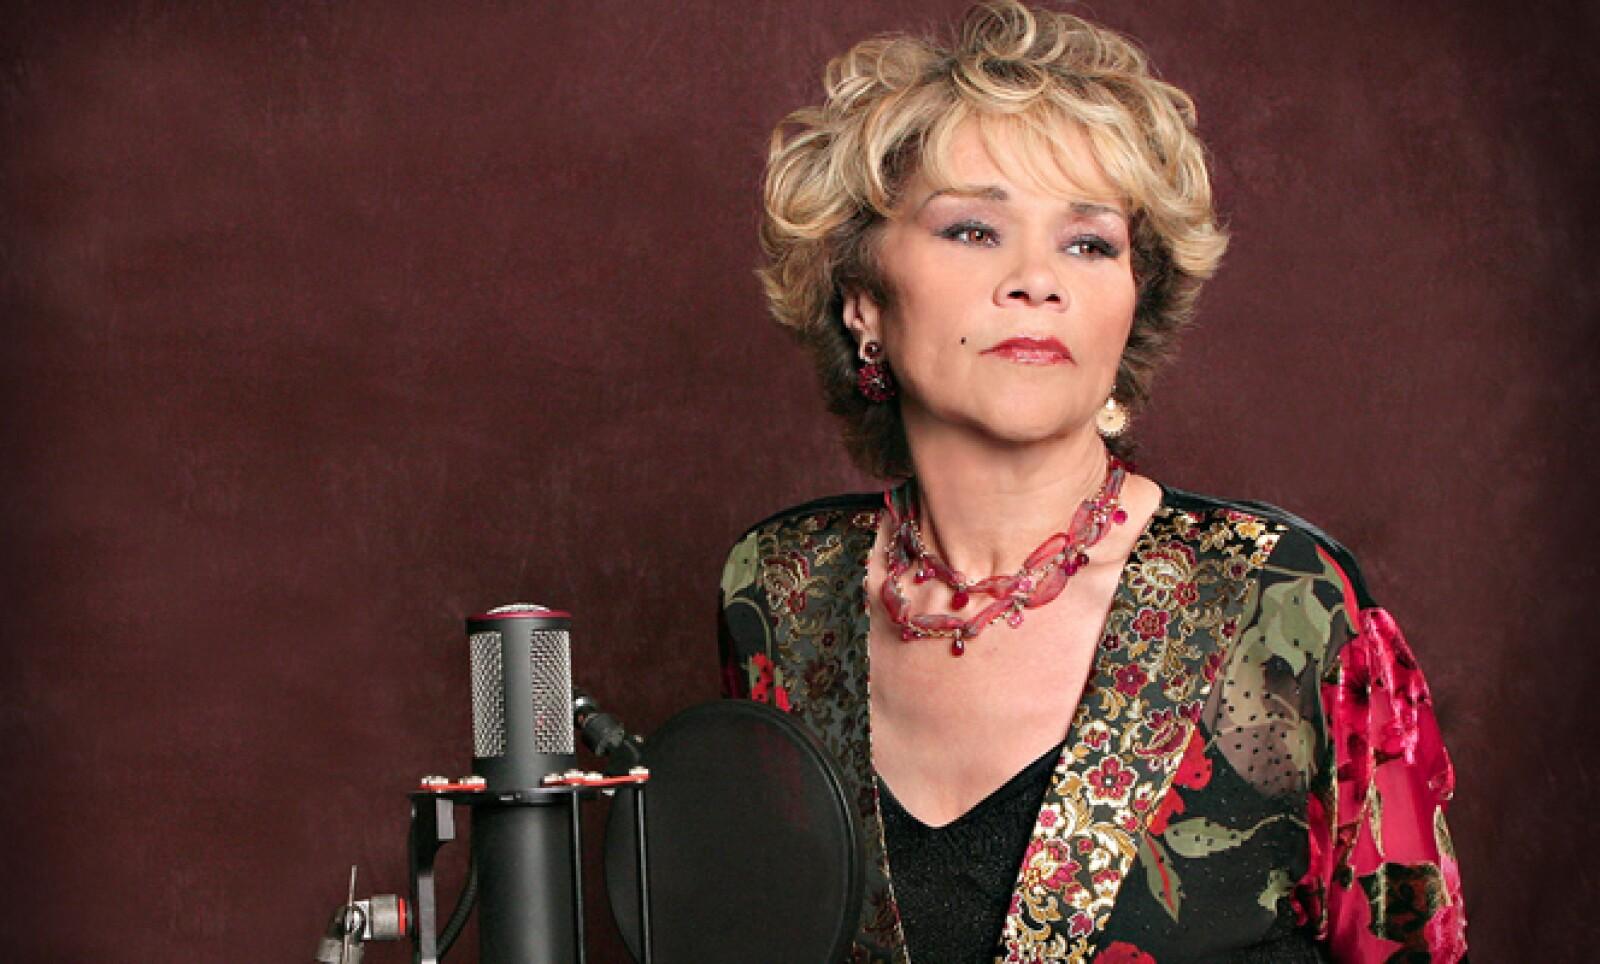 El 20 de enero la gran cantante de blues, Etta James, murió a los 73 años de edad víctima de leucemia.